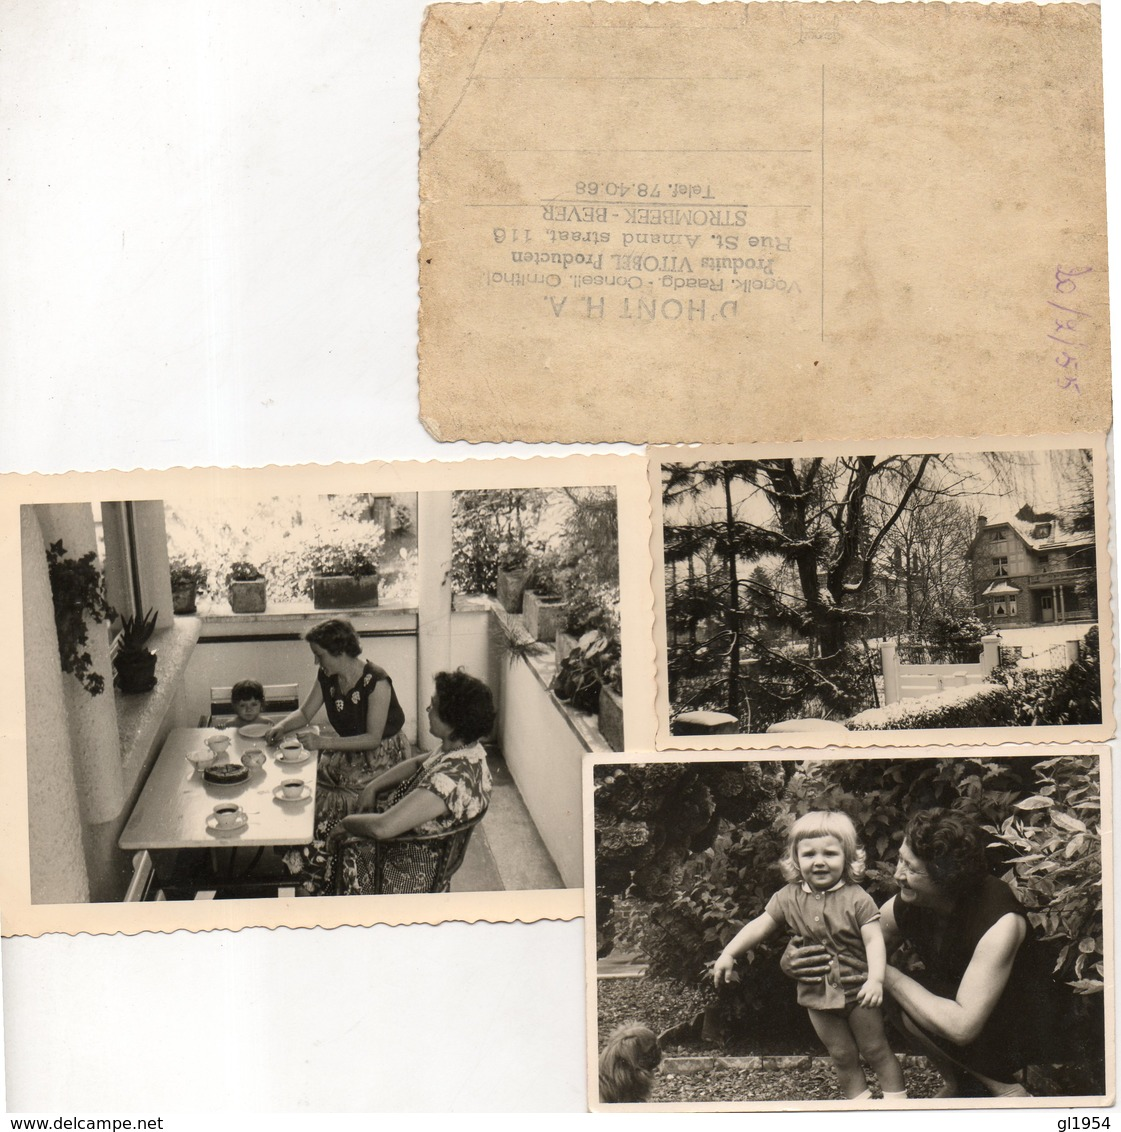 KOMEN UIT  ALBUM  HENRI D' HONT    ( VOGELKENER EN RAADGEVER TE STROMBEEK ) GEBOOREN IN IZEGEM 1908 - Photographs